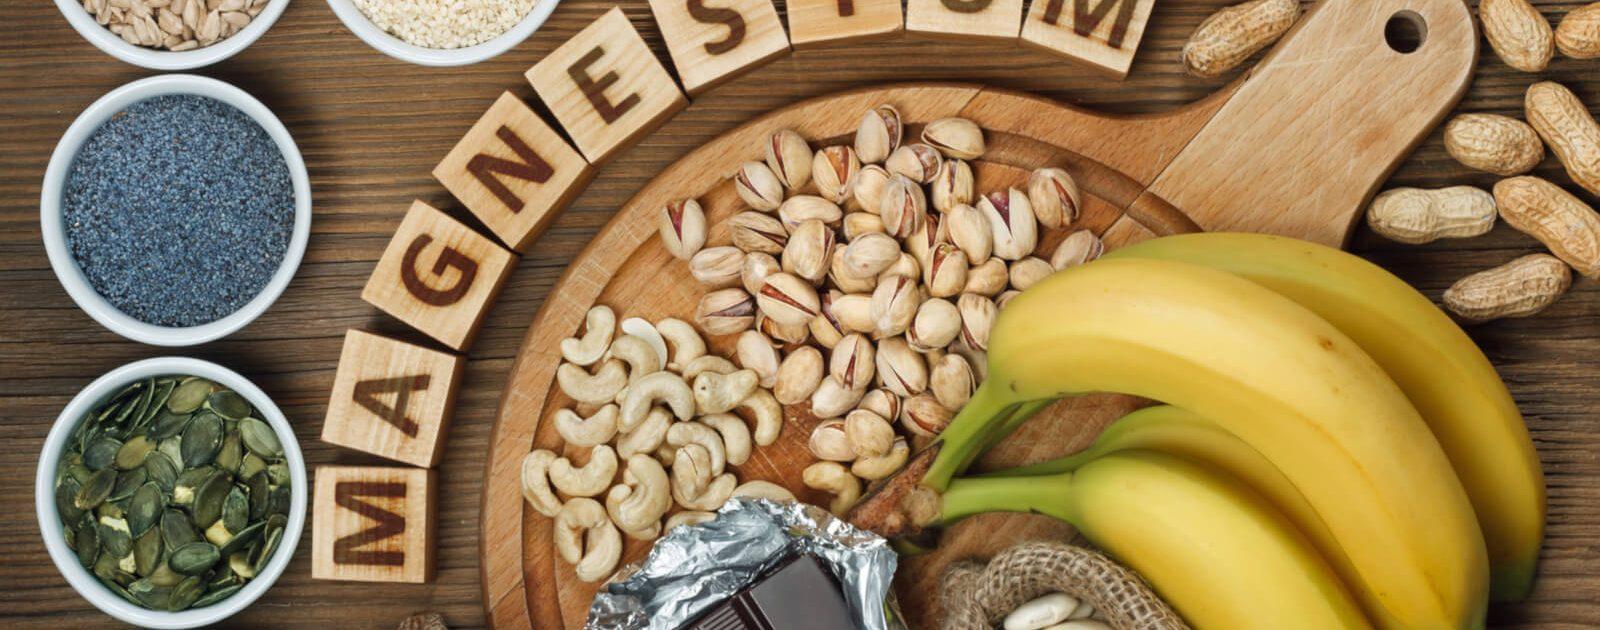 Magnesium und Vitamins B12 wichtig für Nerven und Muskeln